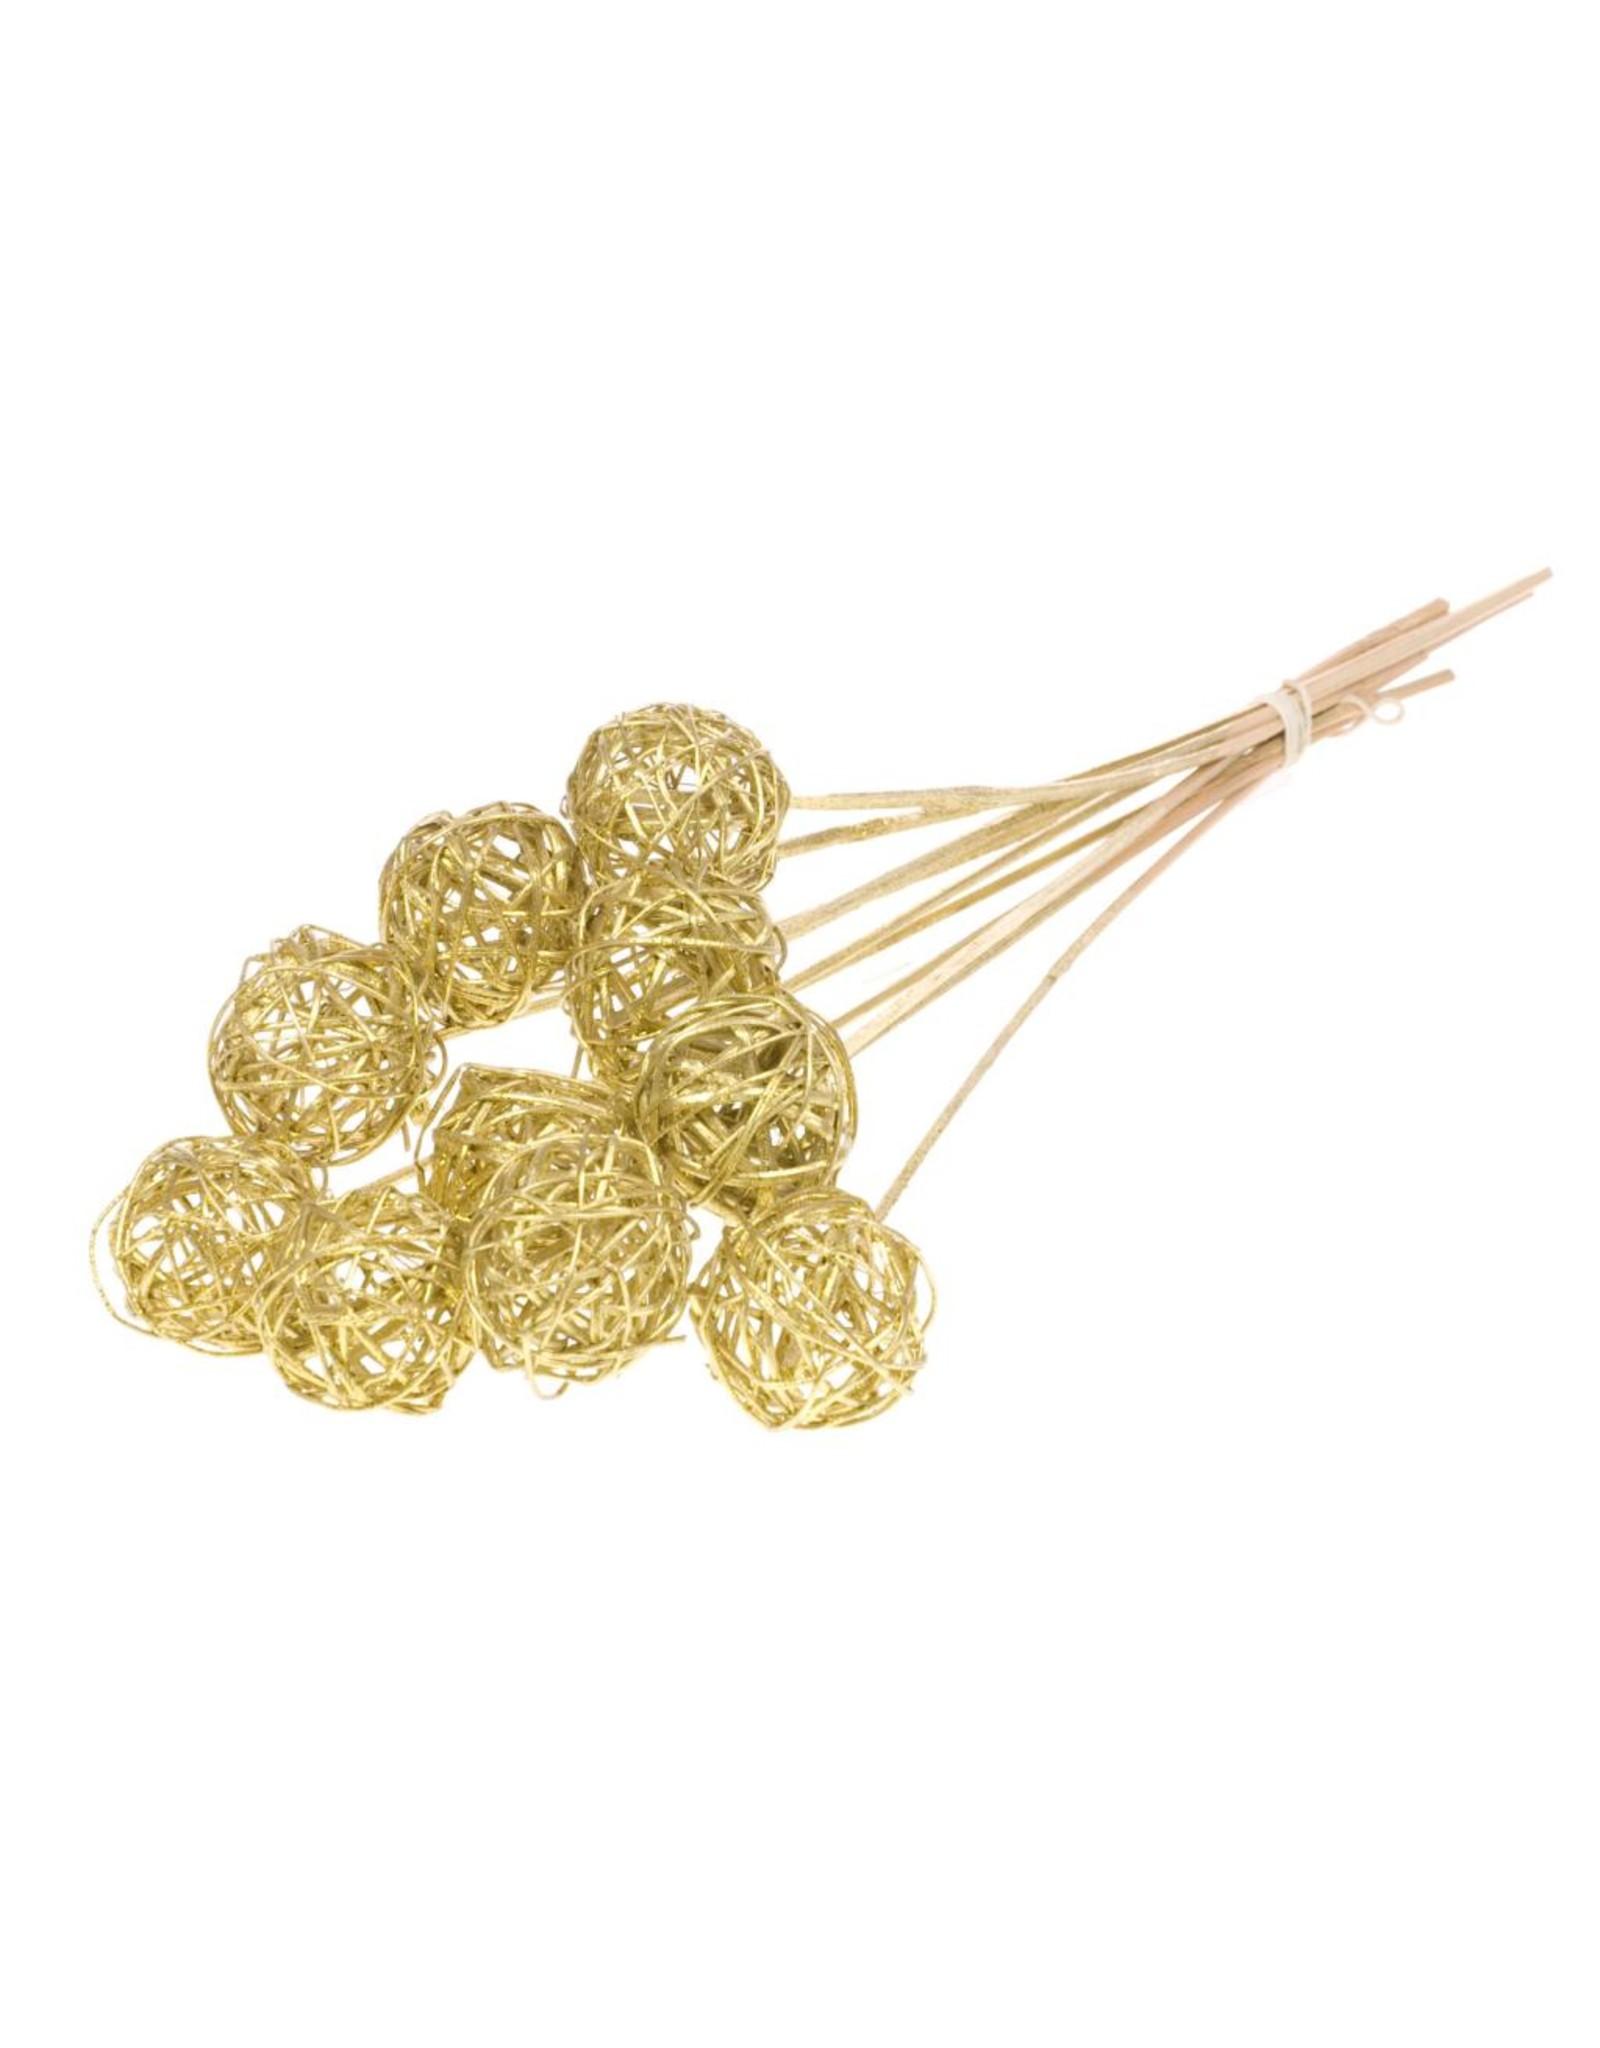 Brunch ball 5cm o/s 10pc gold gold glitter x 18